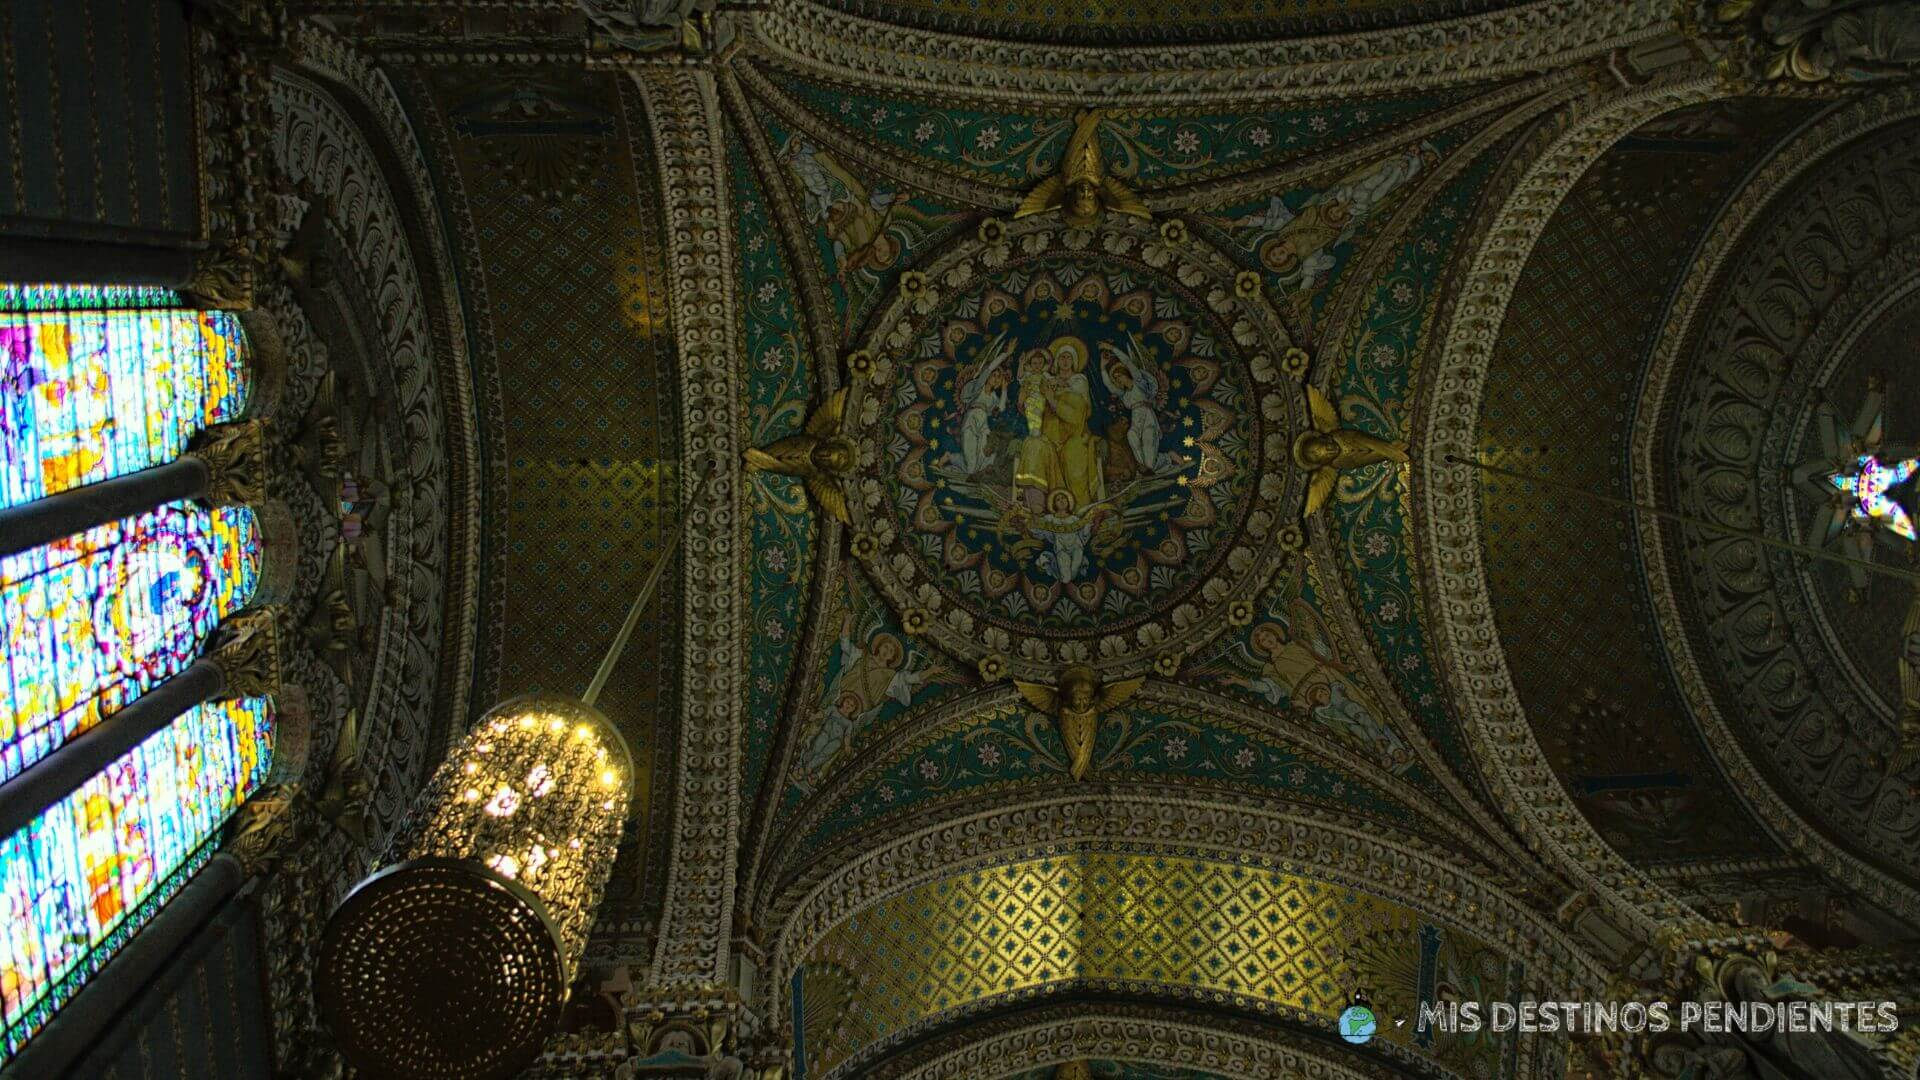 Detalle del interior de la Basílica de Fourviere (Lyon, Francia)